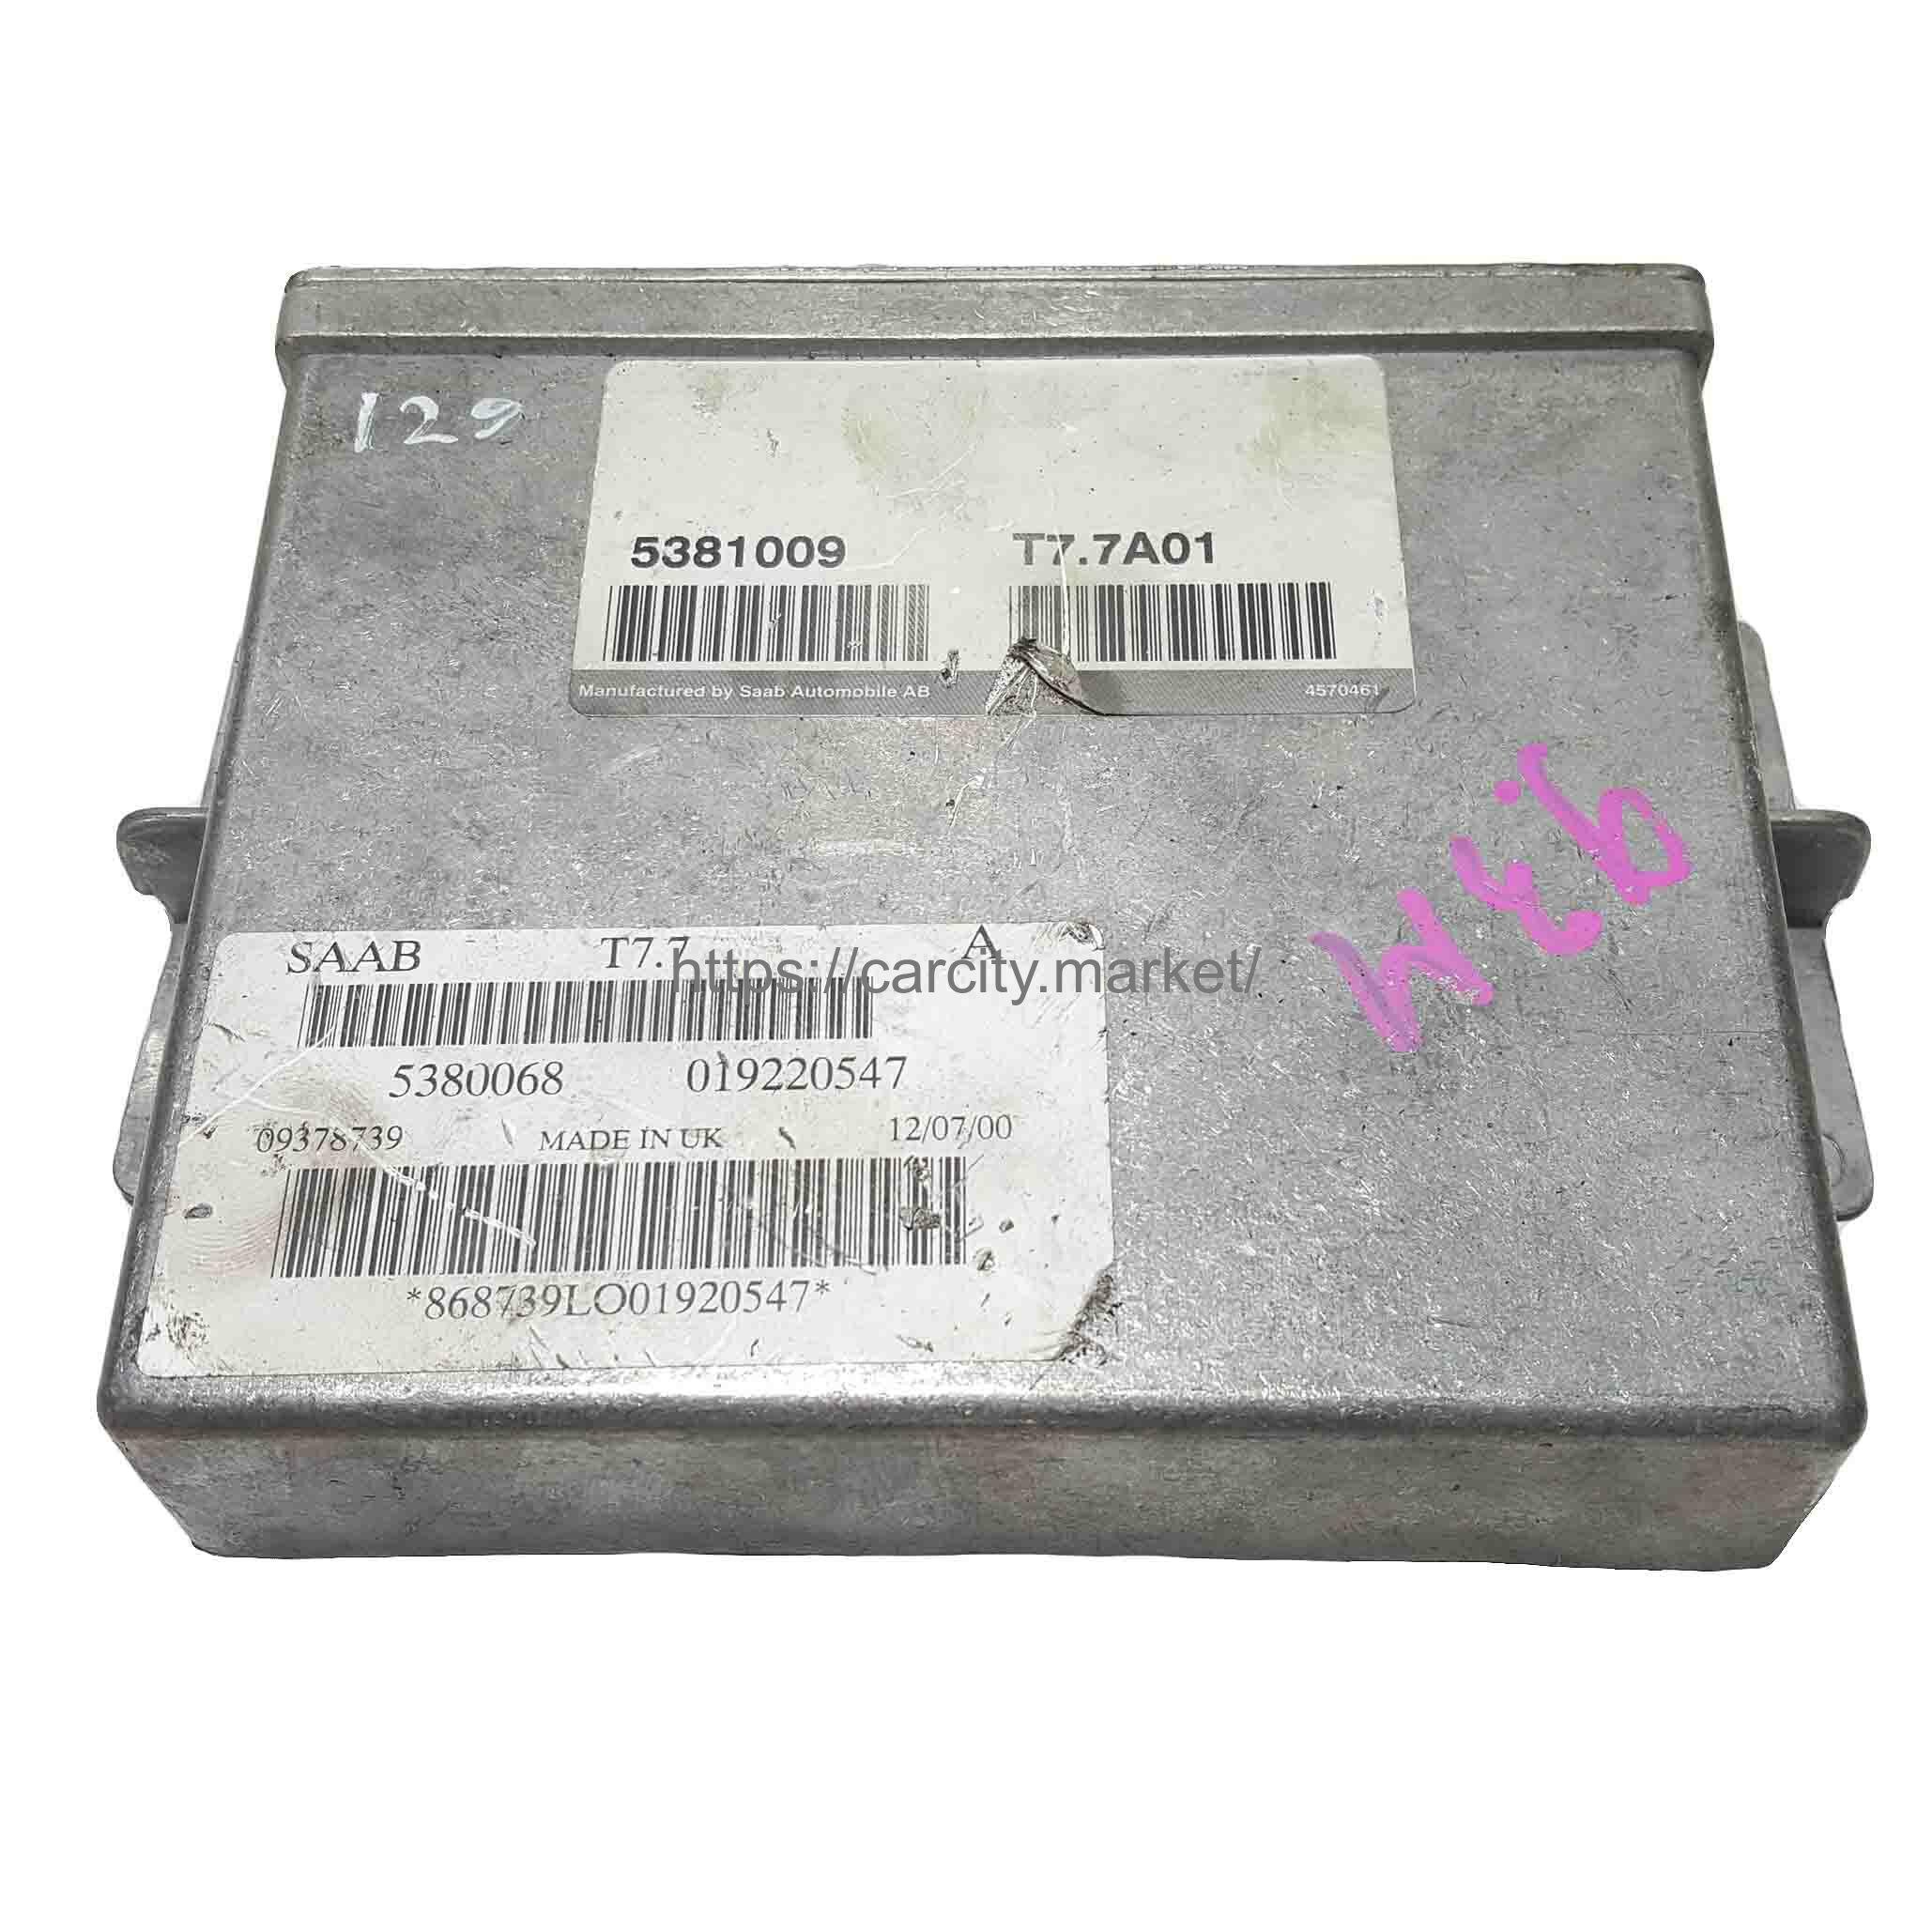 Электронный блок управления 5381009 SAAB 9-3 купить в Карсти Маркет